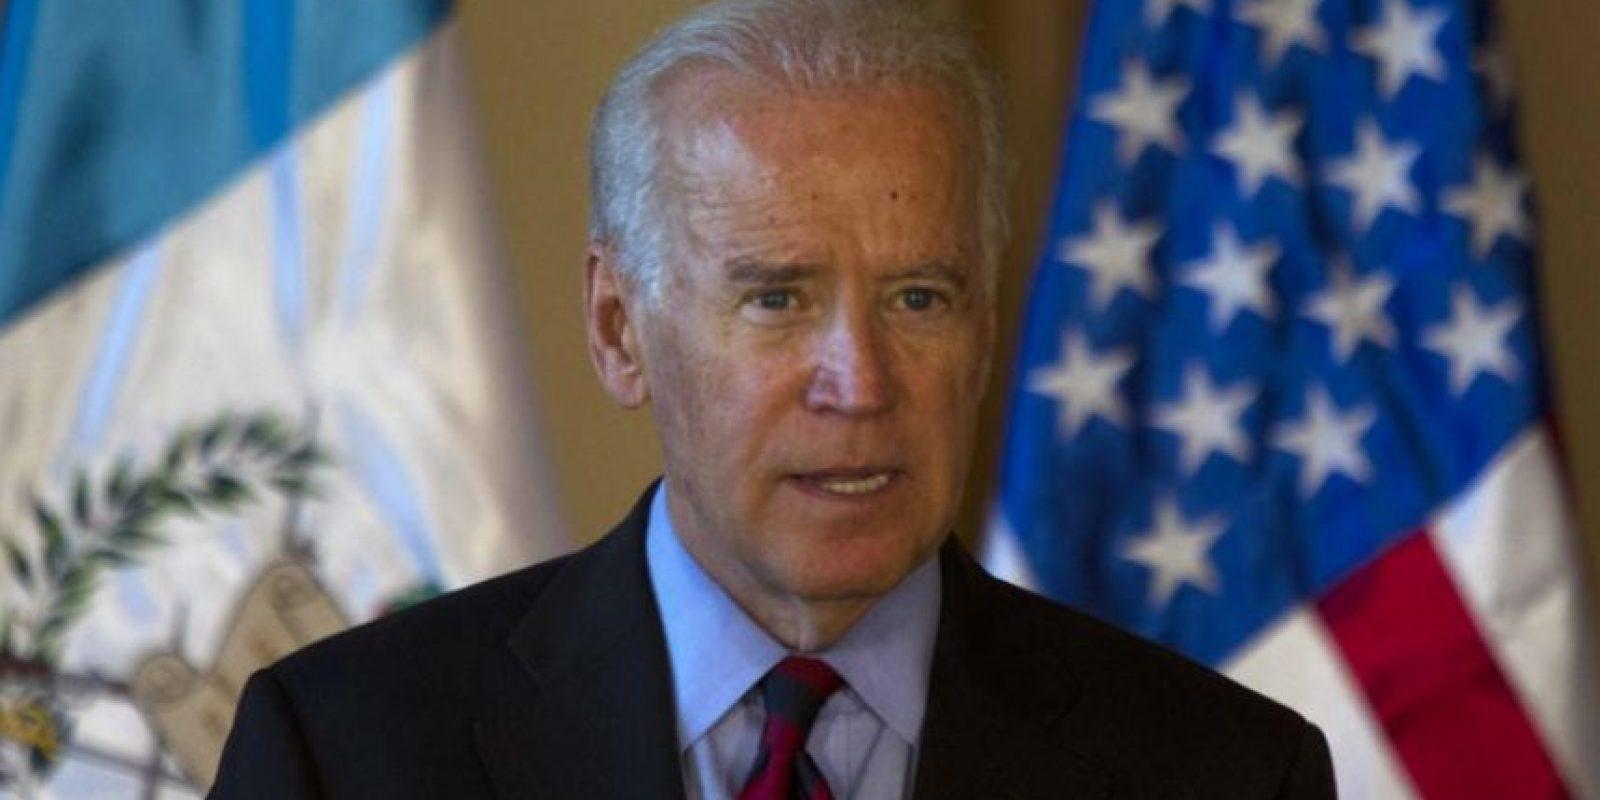 Estados Unidos. Joe Biden encabezará la delegación de ese país. Se espera que lo acompañen otros altos funcionarios. Foto:Agencias